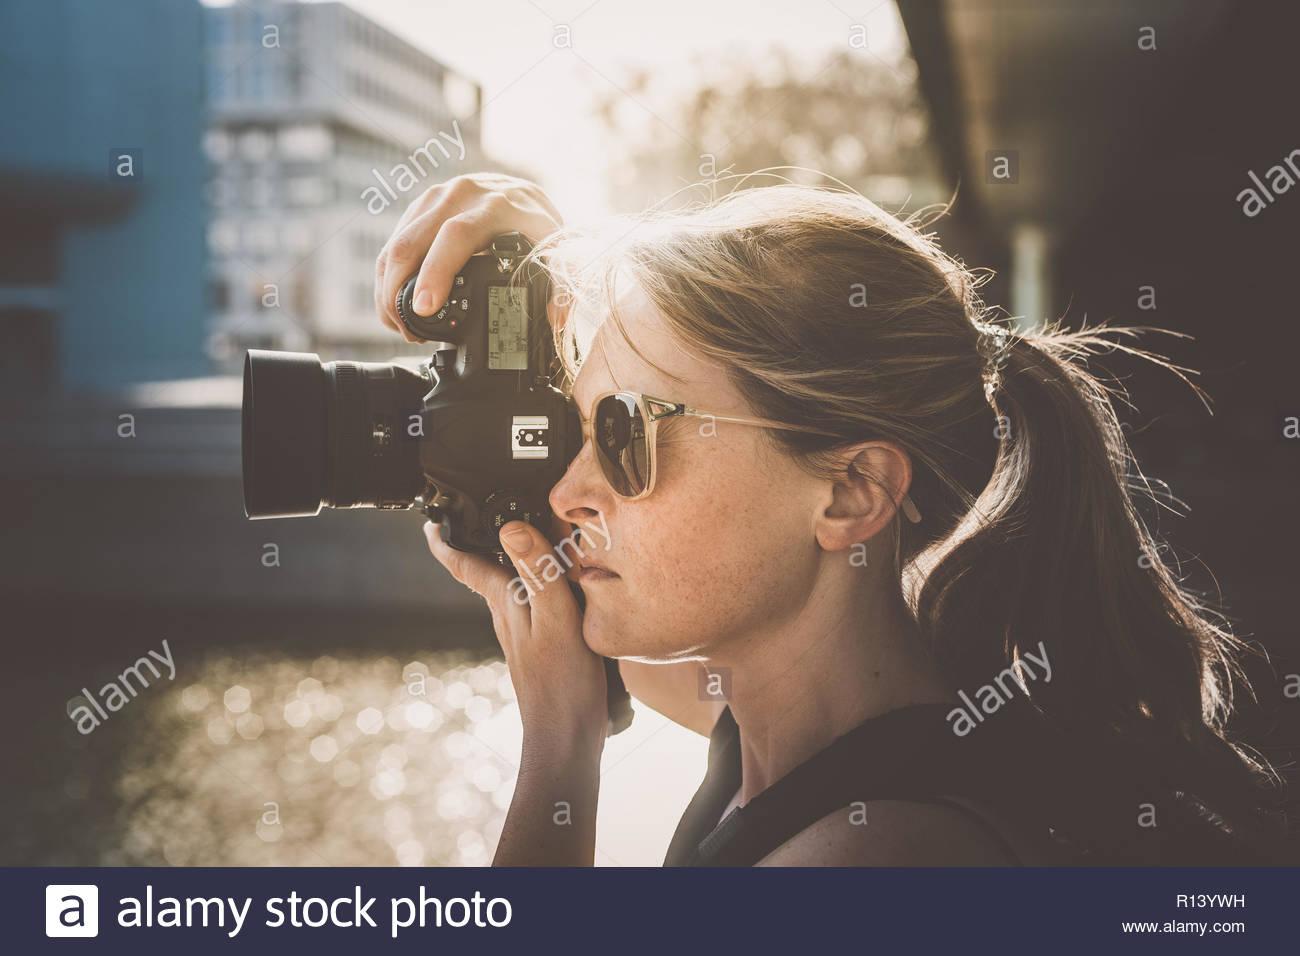 Ritratto di una donna fotografare con una fotocamera Immagini Stock